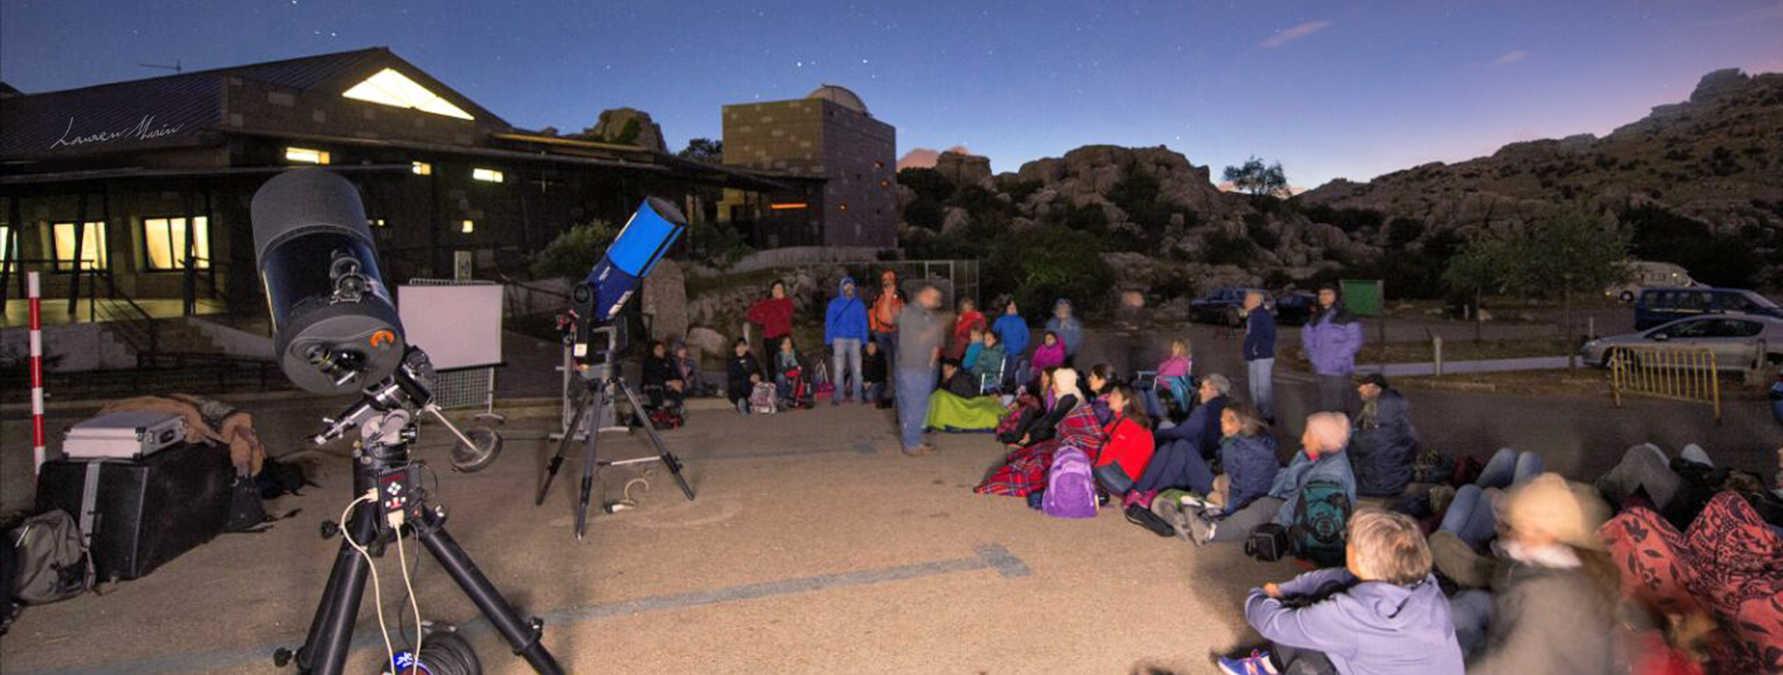 Hamelin: Curso de astronomía práctica al aire libre - Actividad  (Antequera)